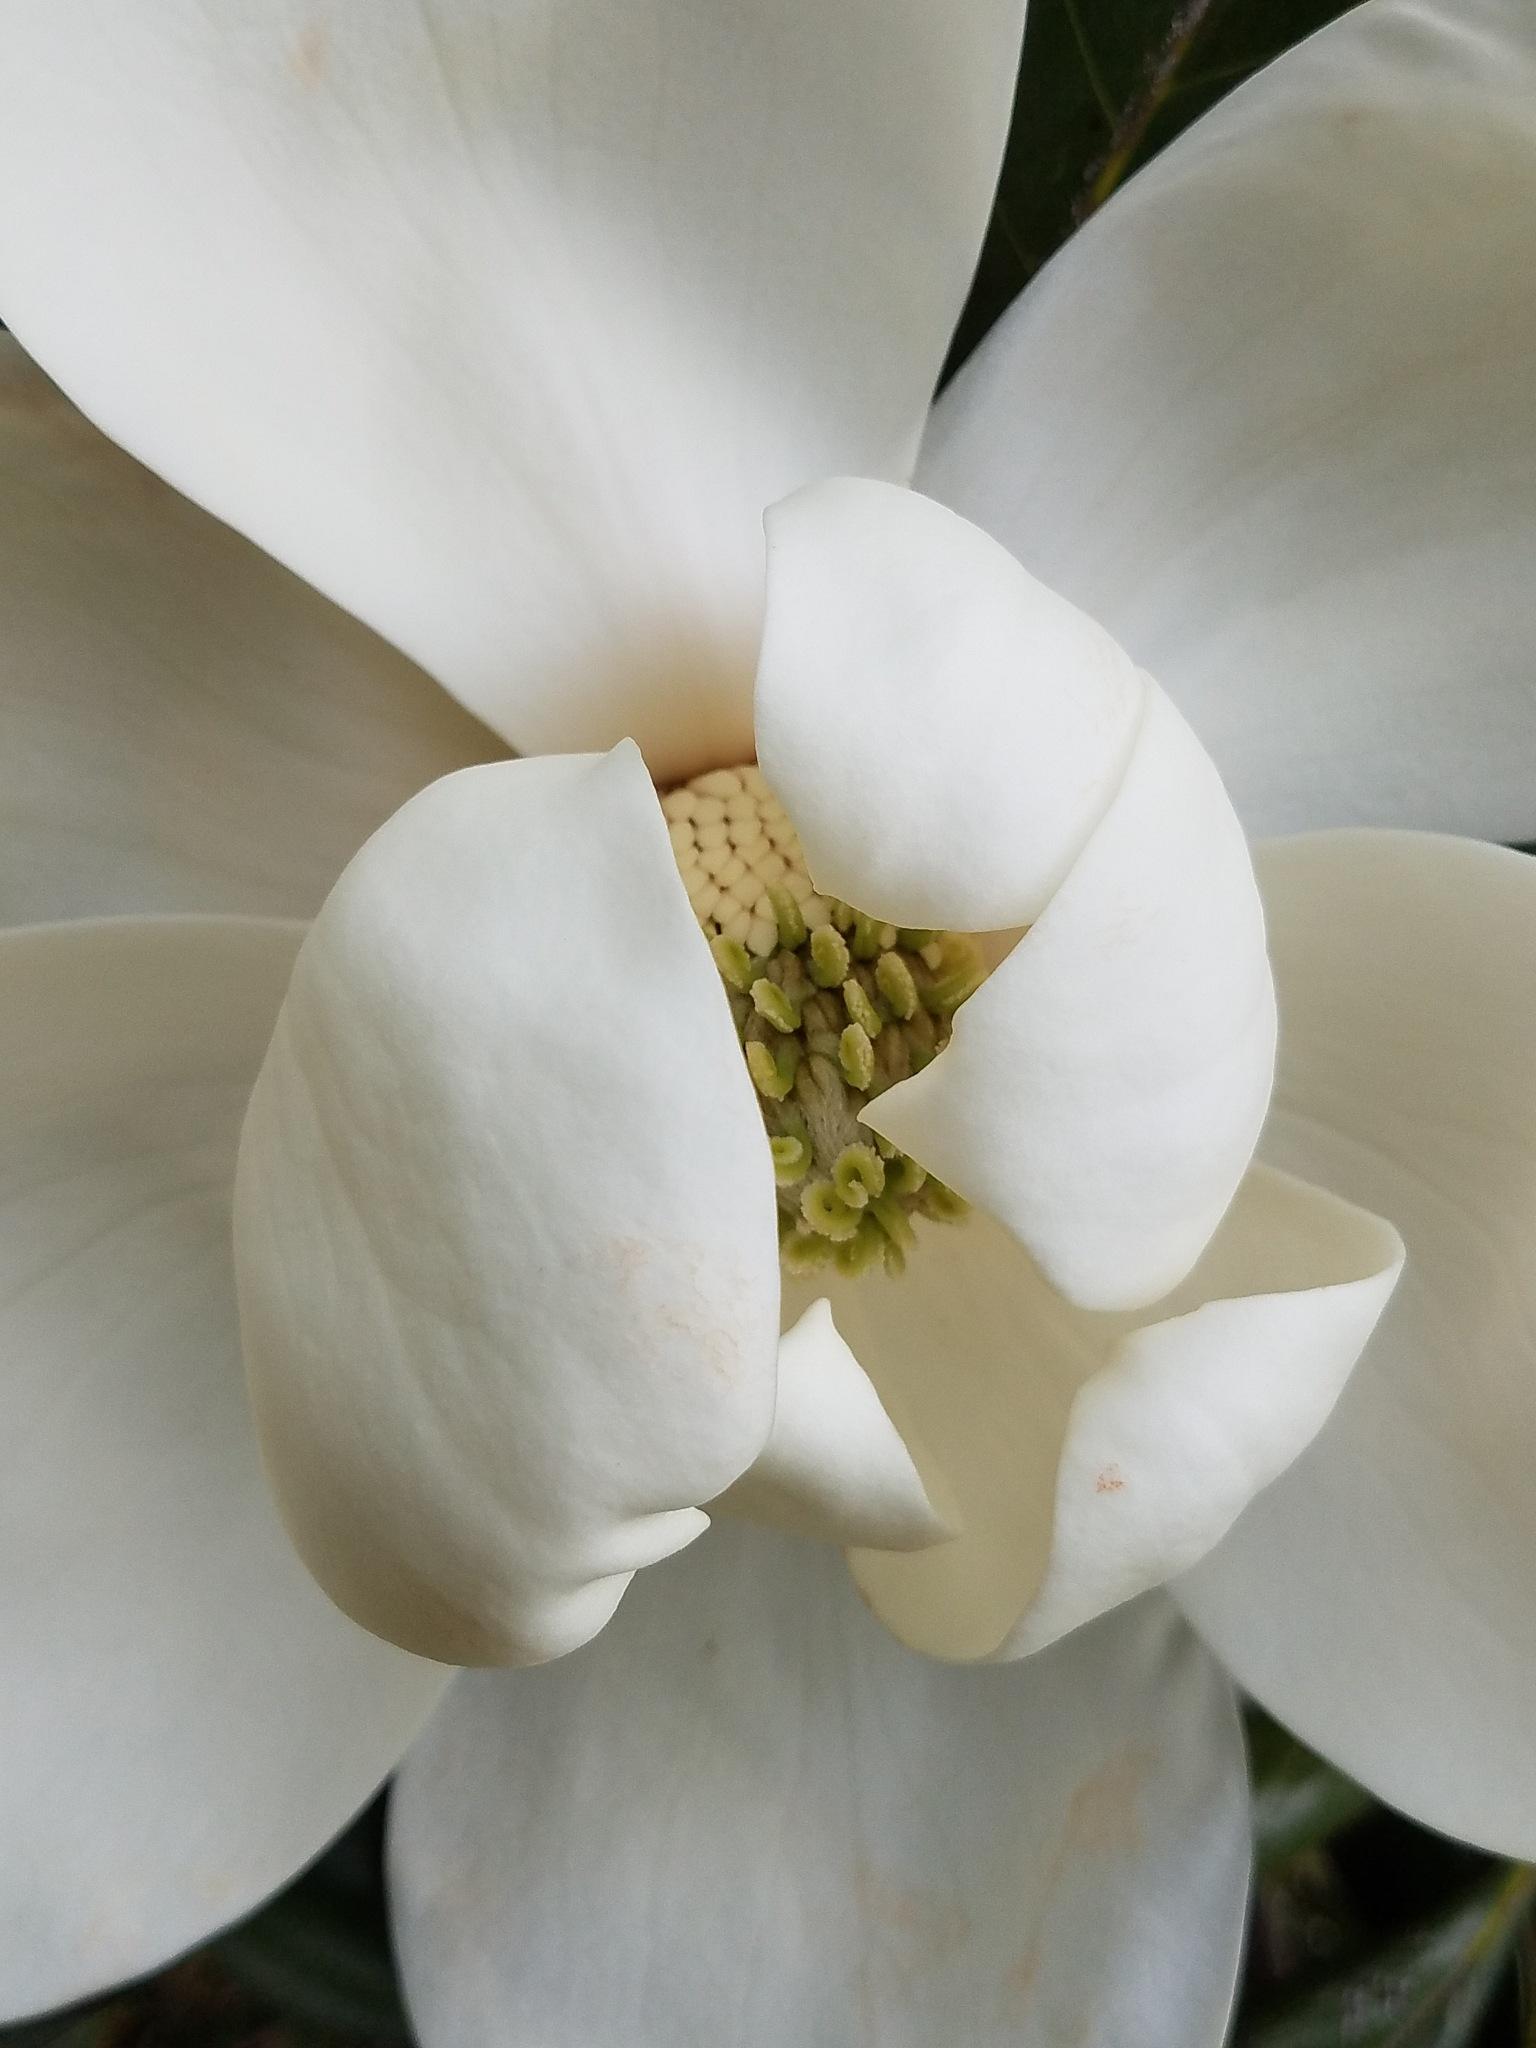 Magnolia by mzwack1